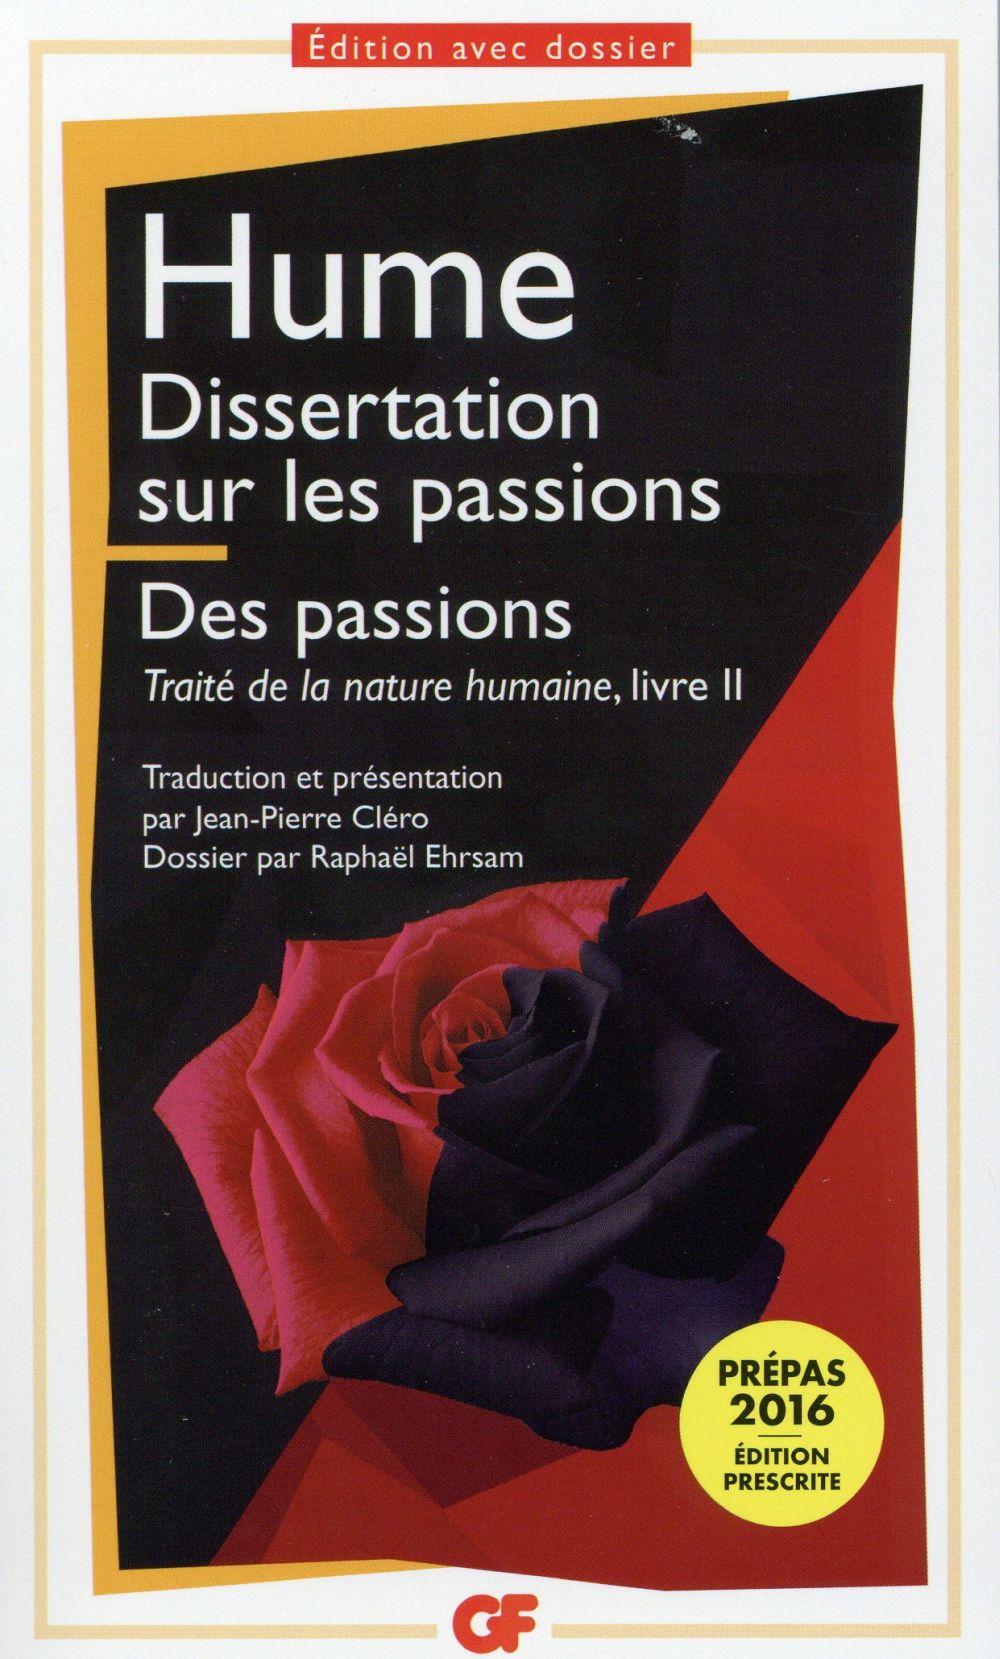 Traite de la nature humaine - t02 - dissertation sur les passions - les passions